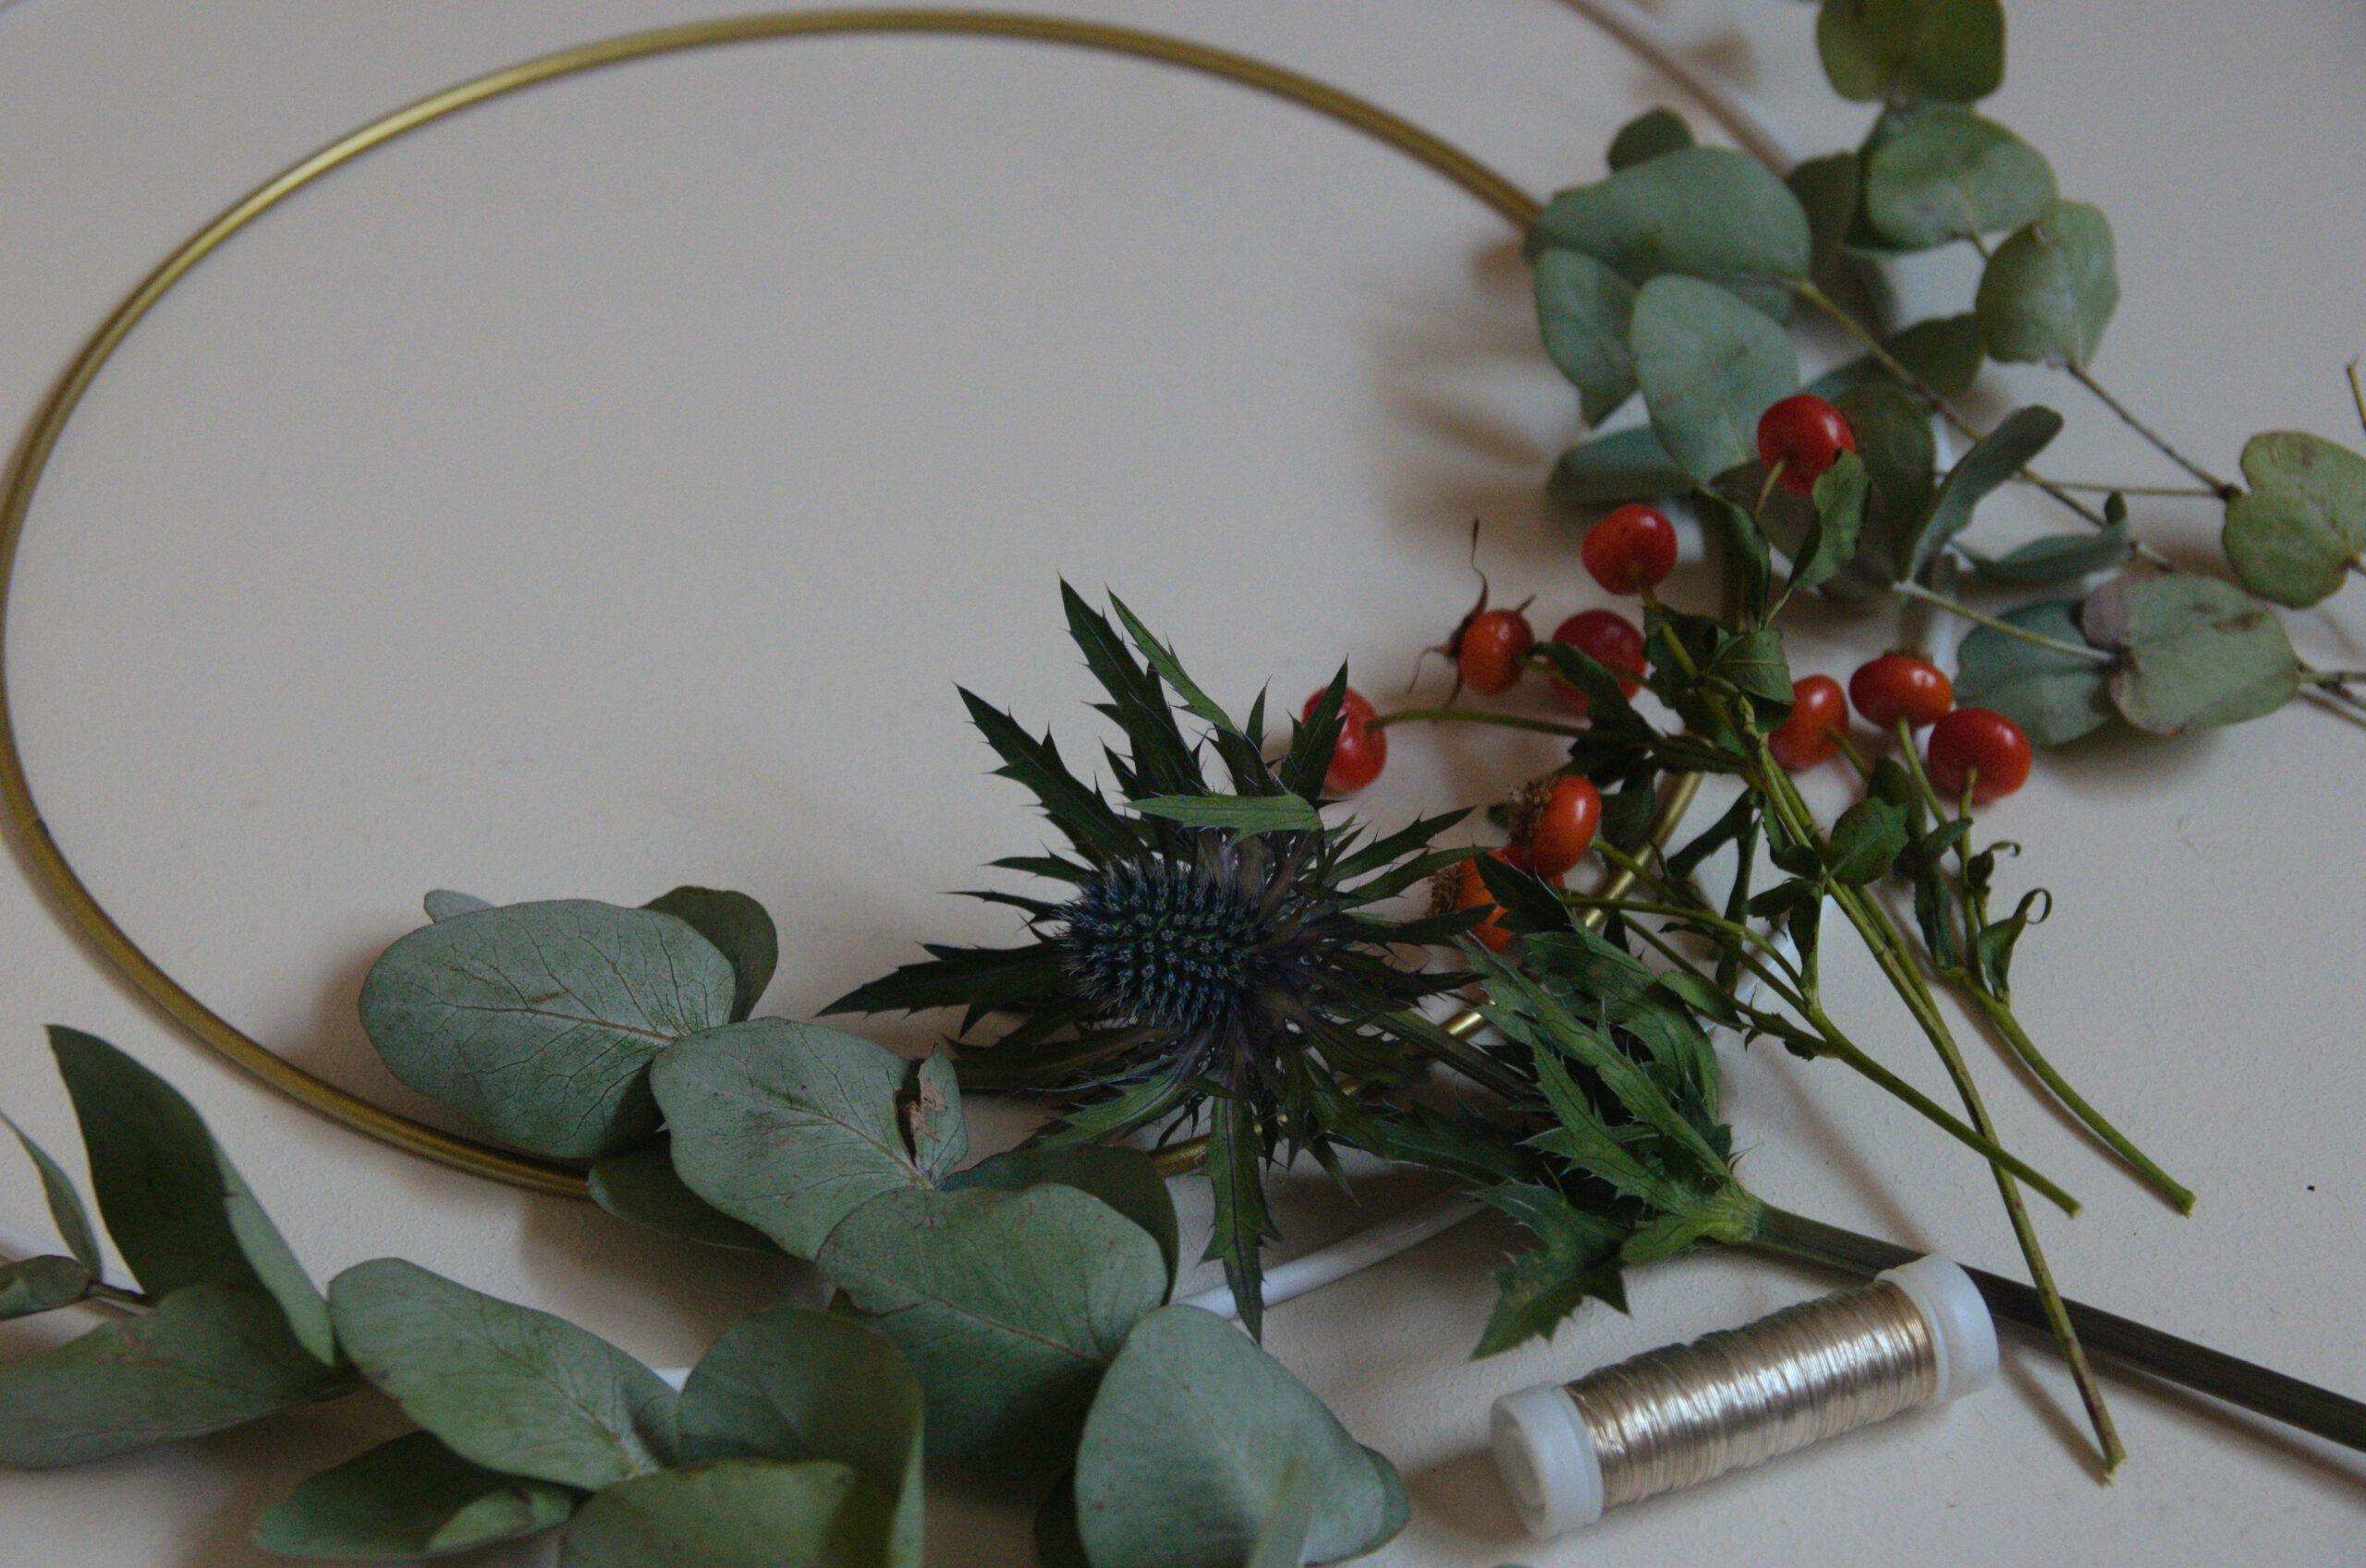 Kranz aus Trockenblumen: Coole Deko im Handumdrehen